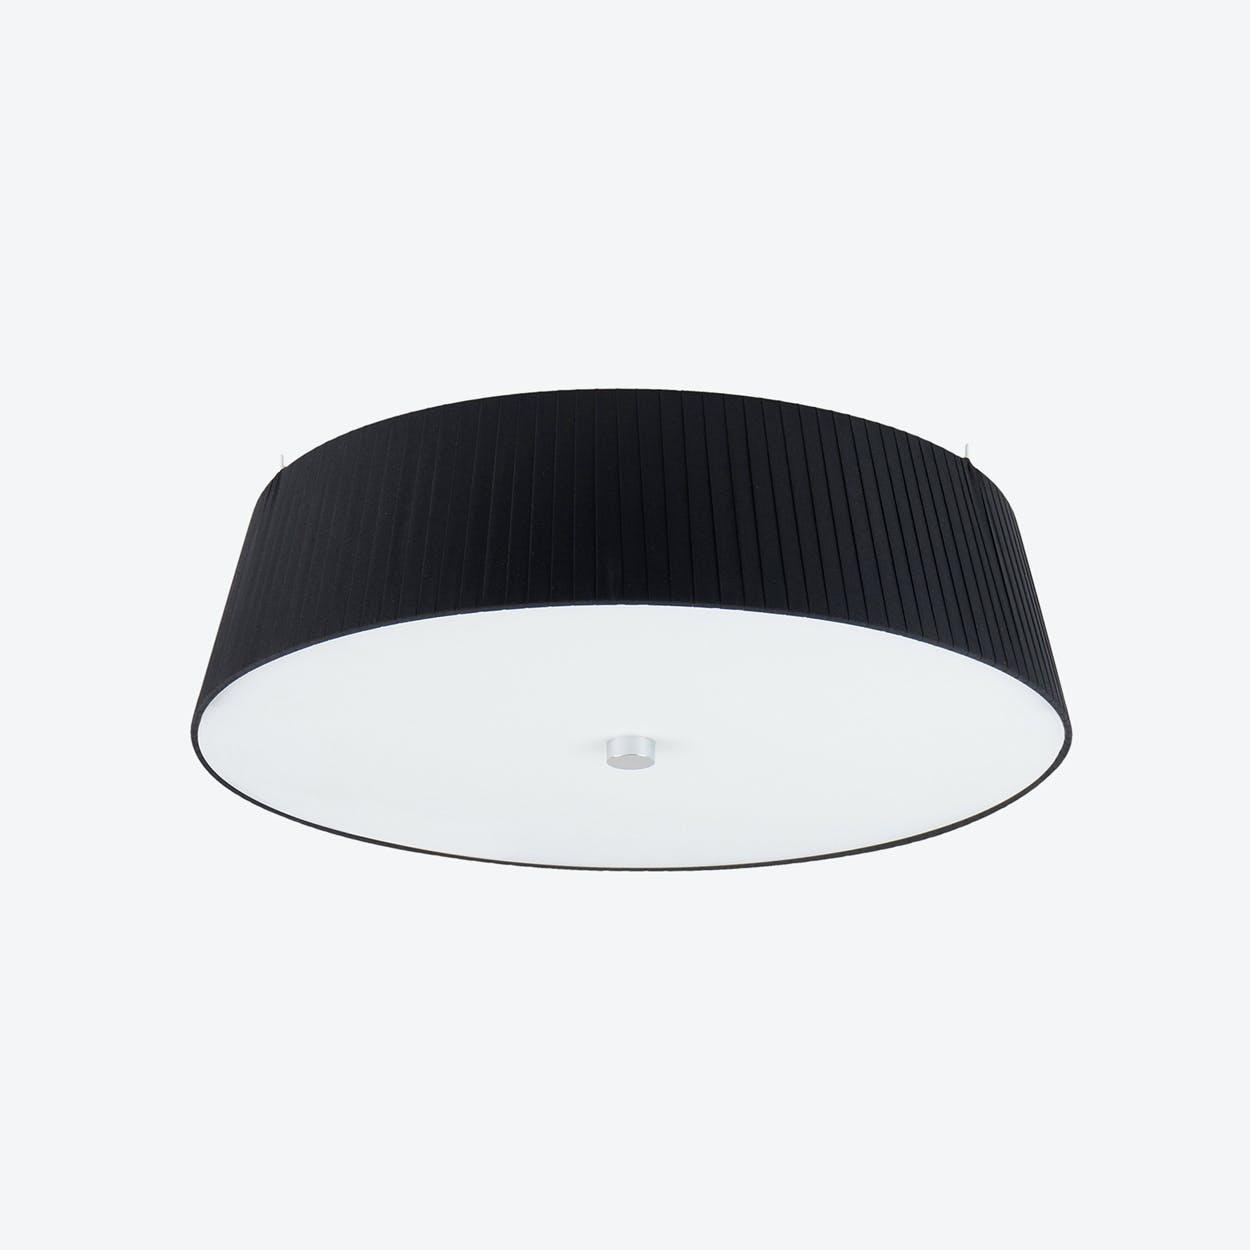 KAMI Ceiling Lamp in Black